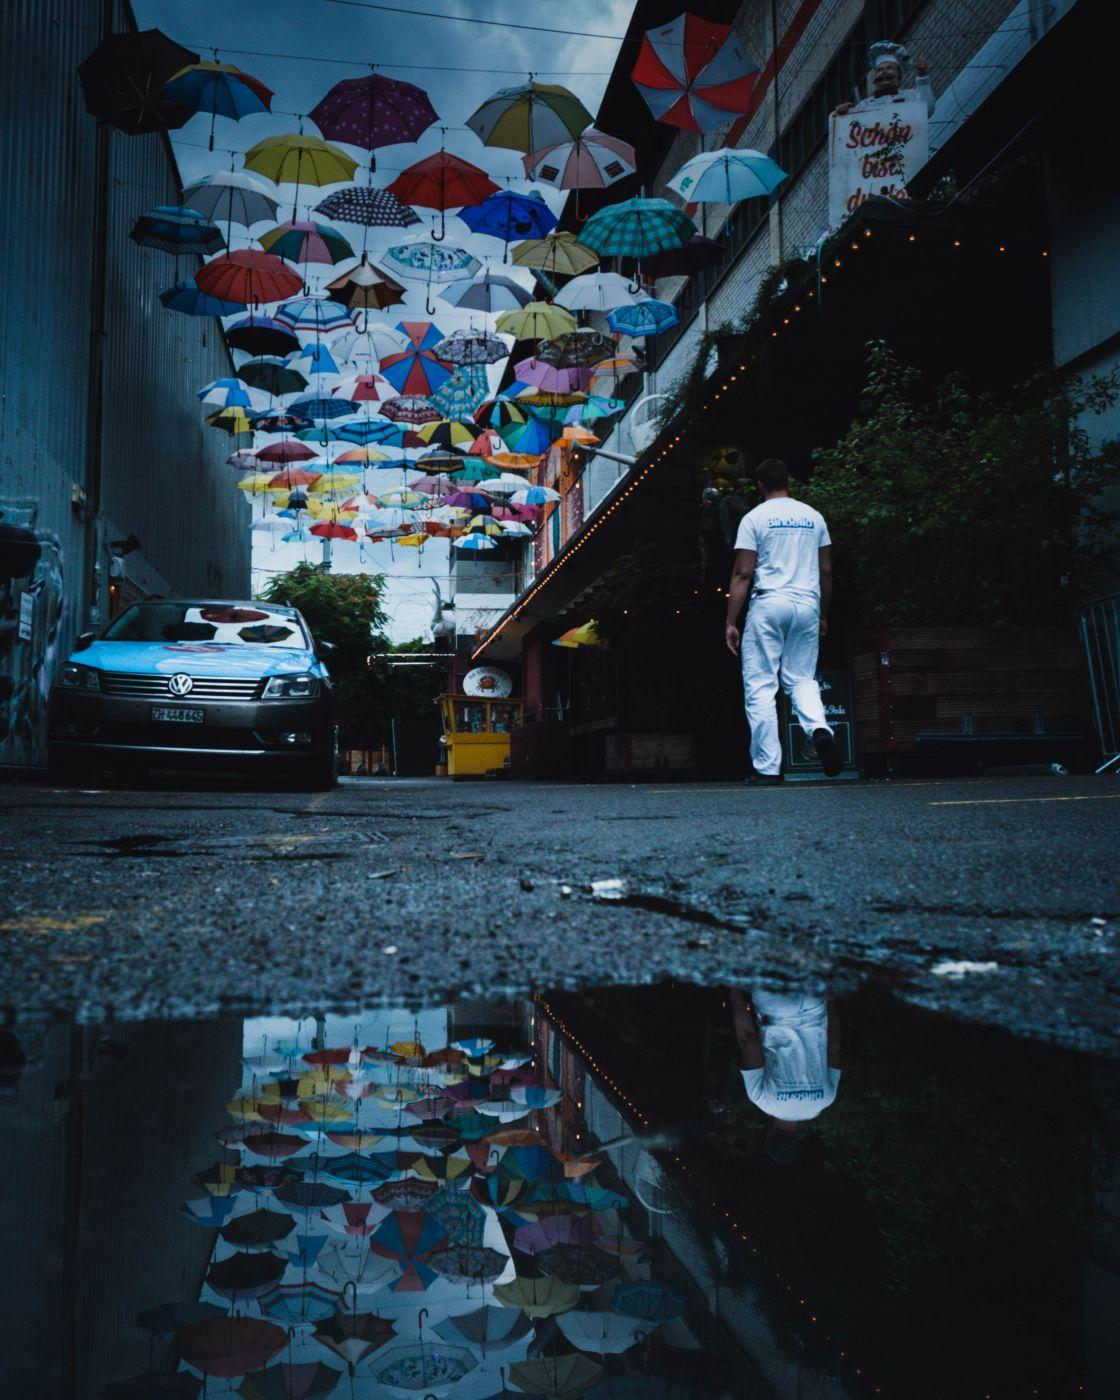 Umbrella artwork in urban part of Zurich., Switzerland